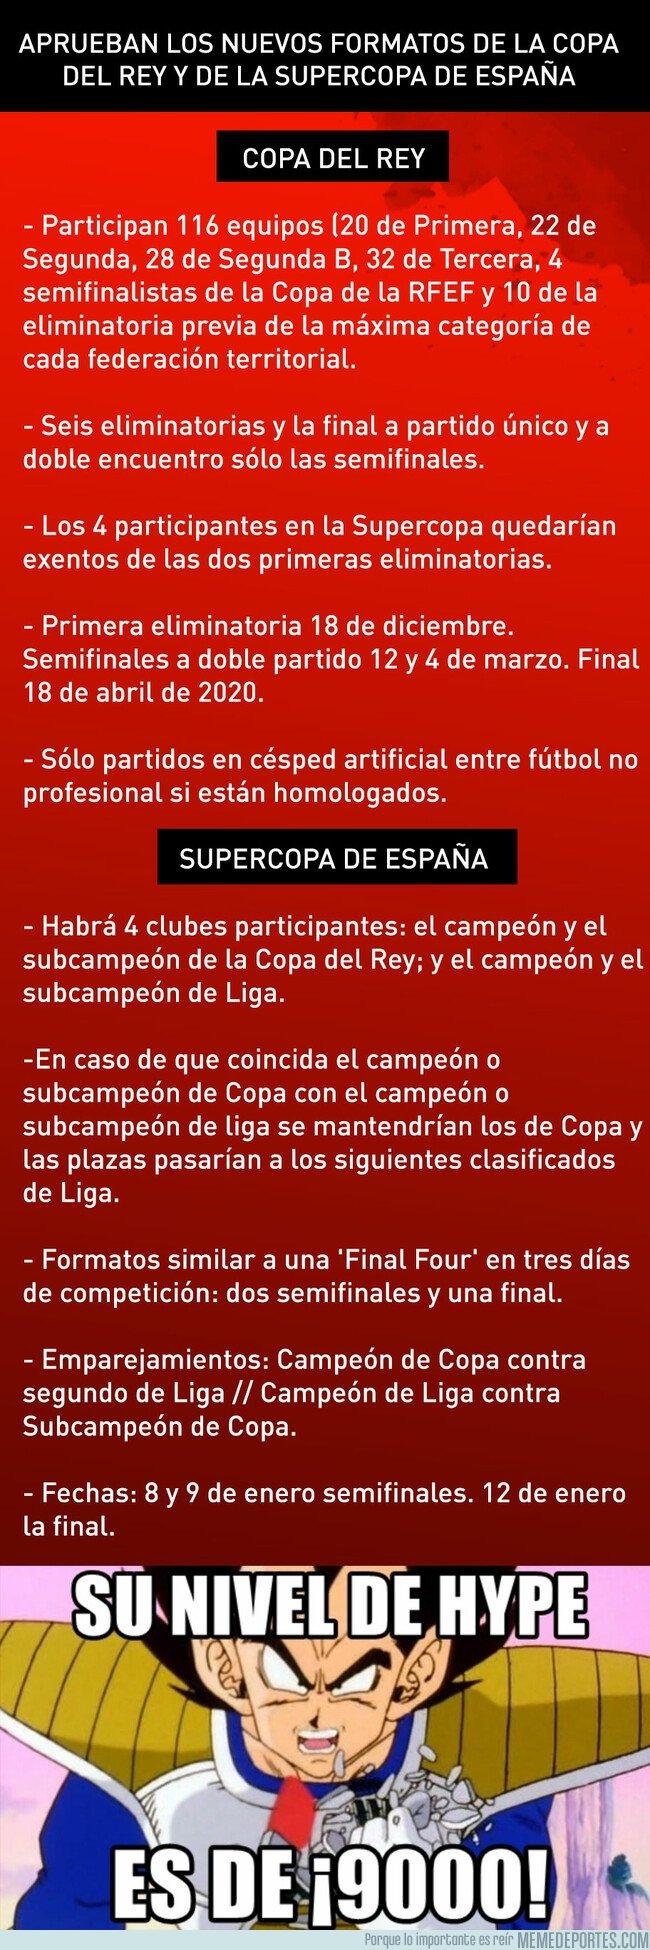 1073048 - El nuevo formato de la Copa y Supercopa viene cargado de hype